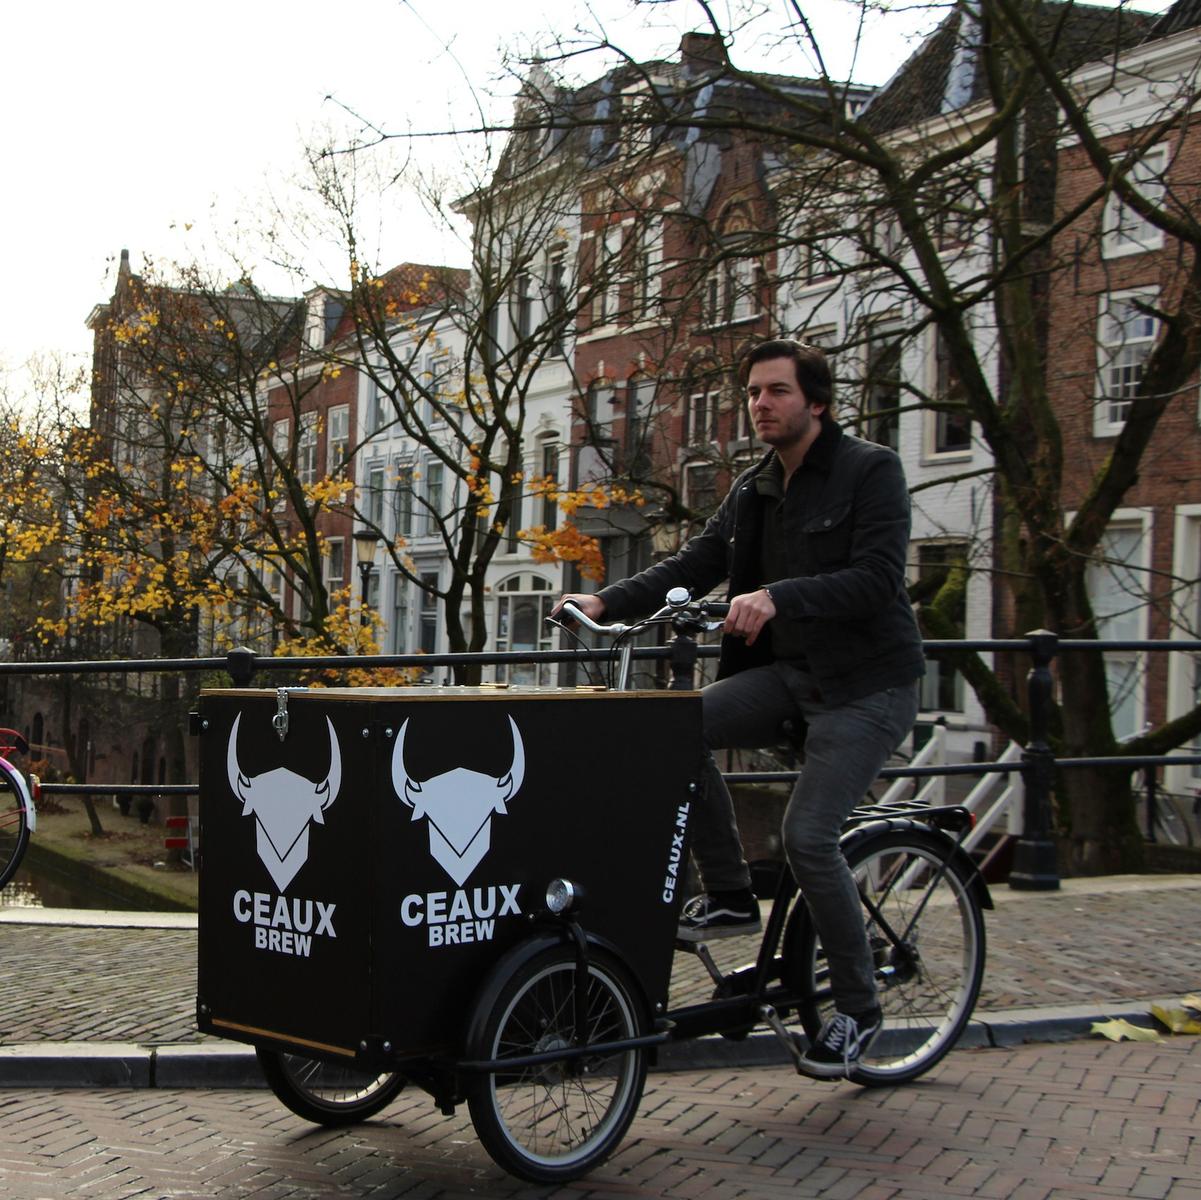 Utrechtse bierbrouwer belevert binnenstad per fiets